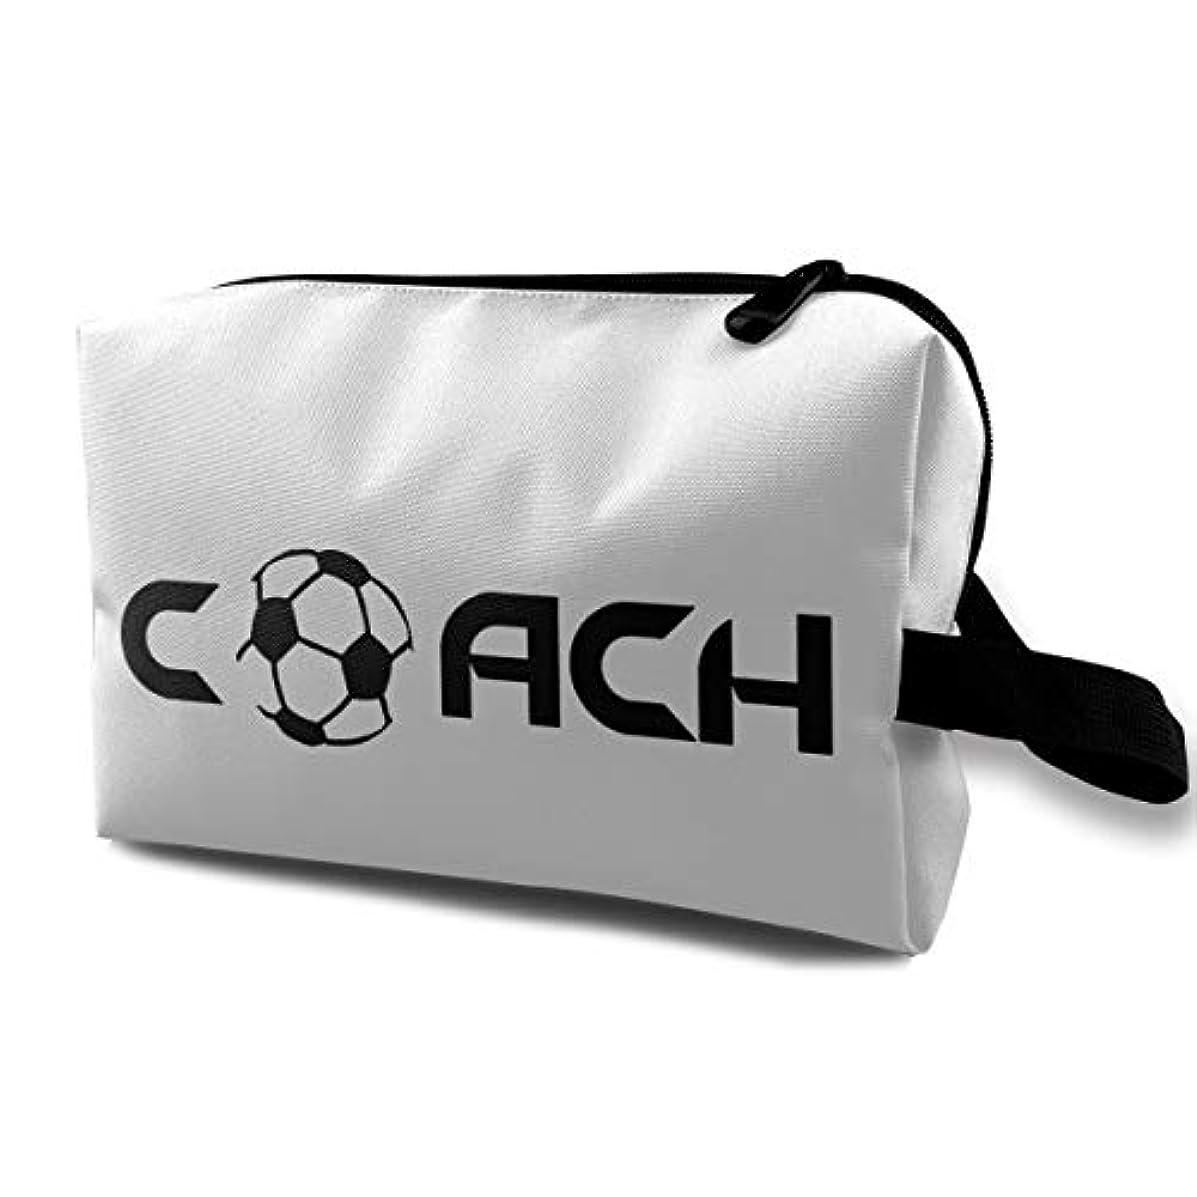 ファイバまたスラムMEClOUD コーチ サッカー 化粧ポーチ メイクポーチ コスメバッグ 収納 雑貨 小物入れ 旅行用